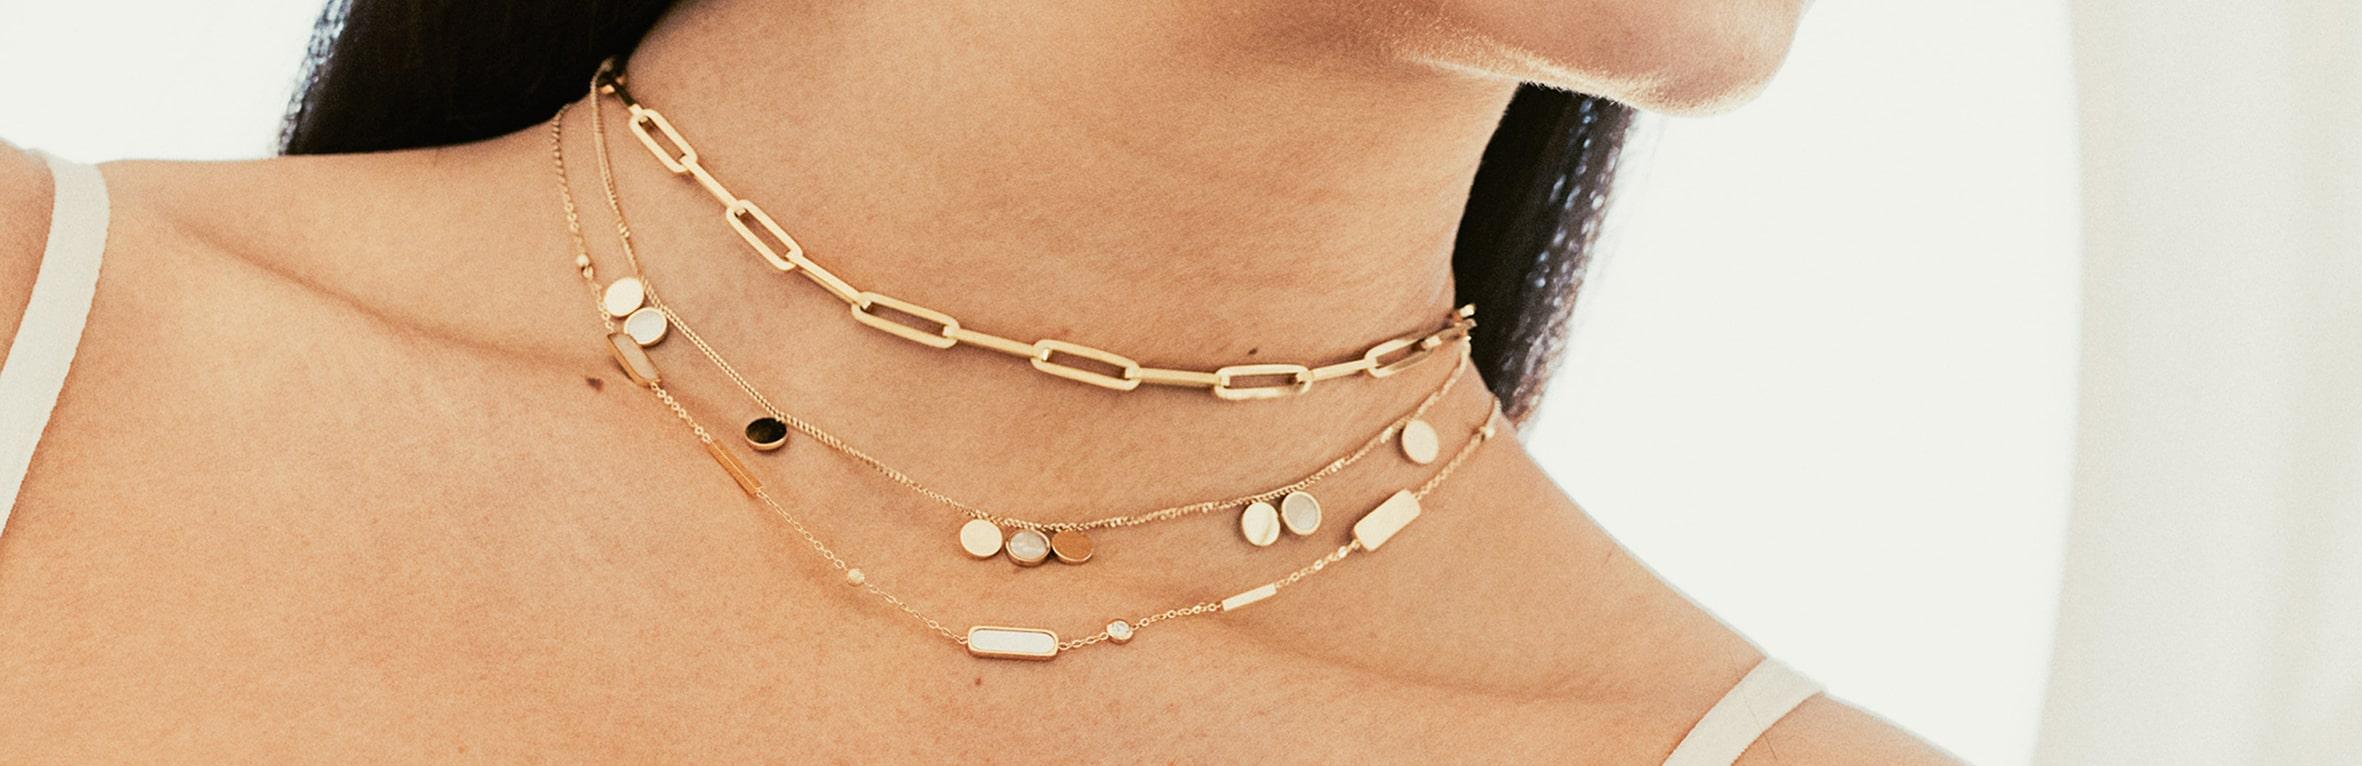 Le collier Zag, un bijou chic et tendance à petit prix